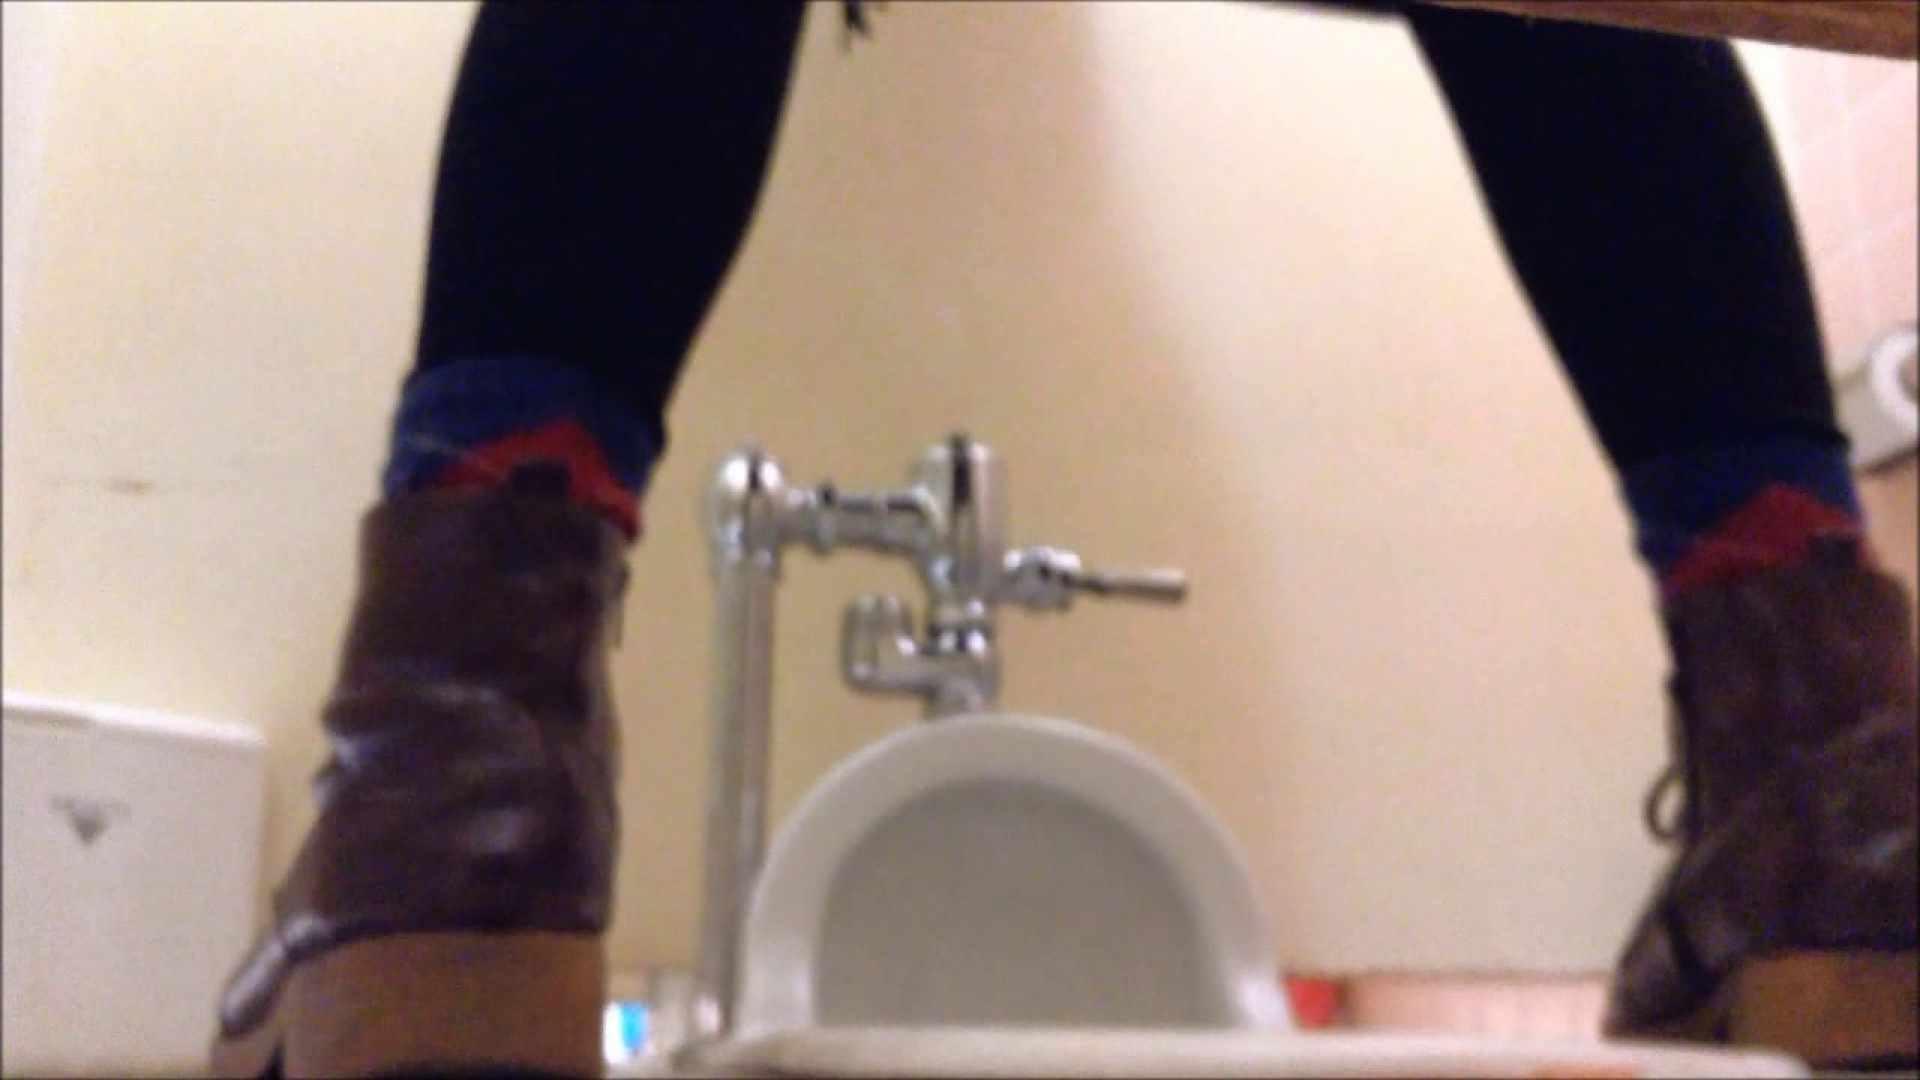 某有名大学女性洗面所 vol.08 洗面所 のぞきエロ無料画像 58pic 44